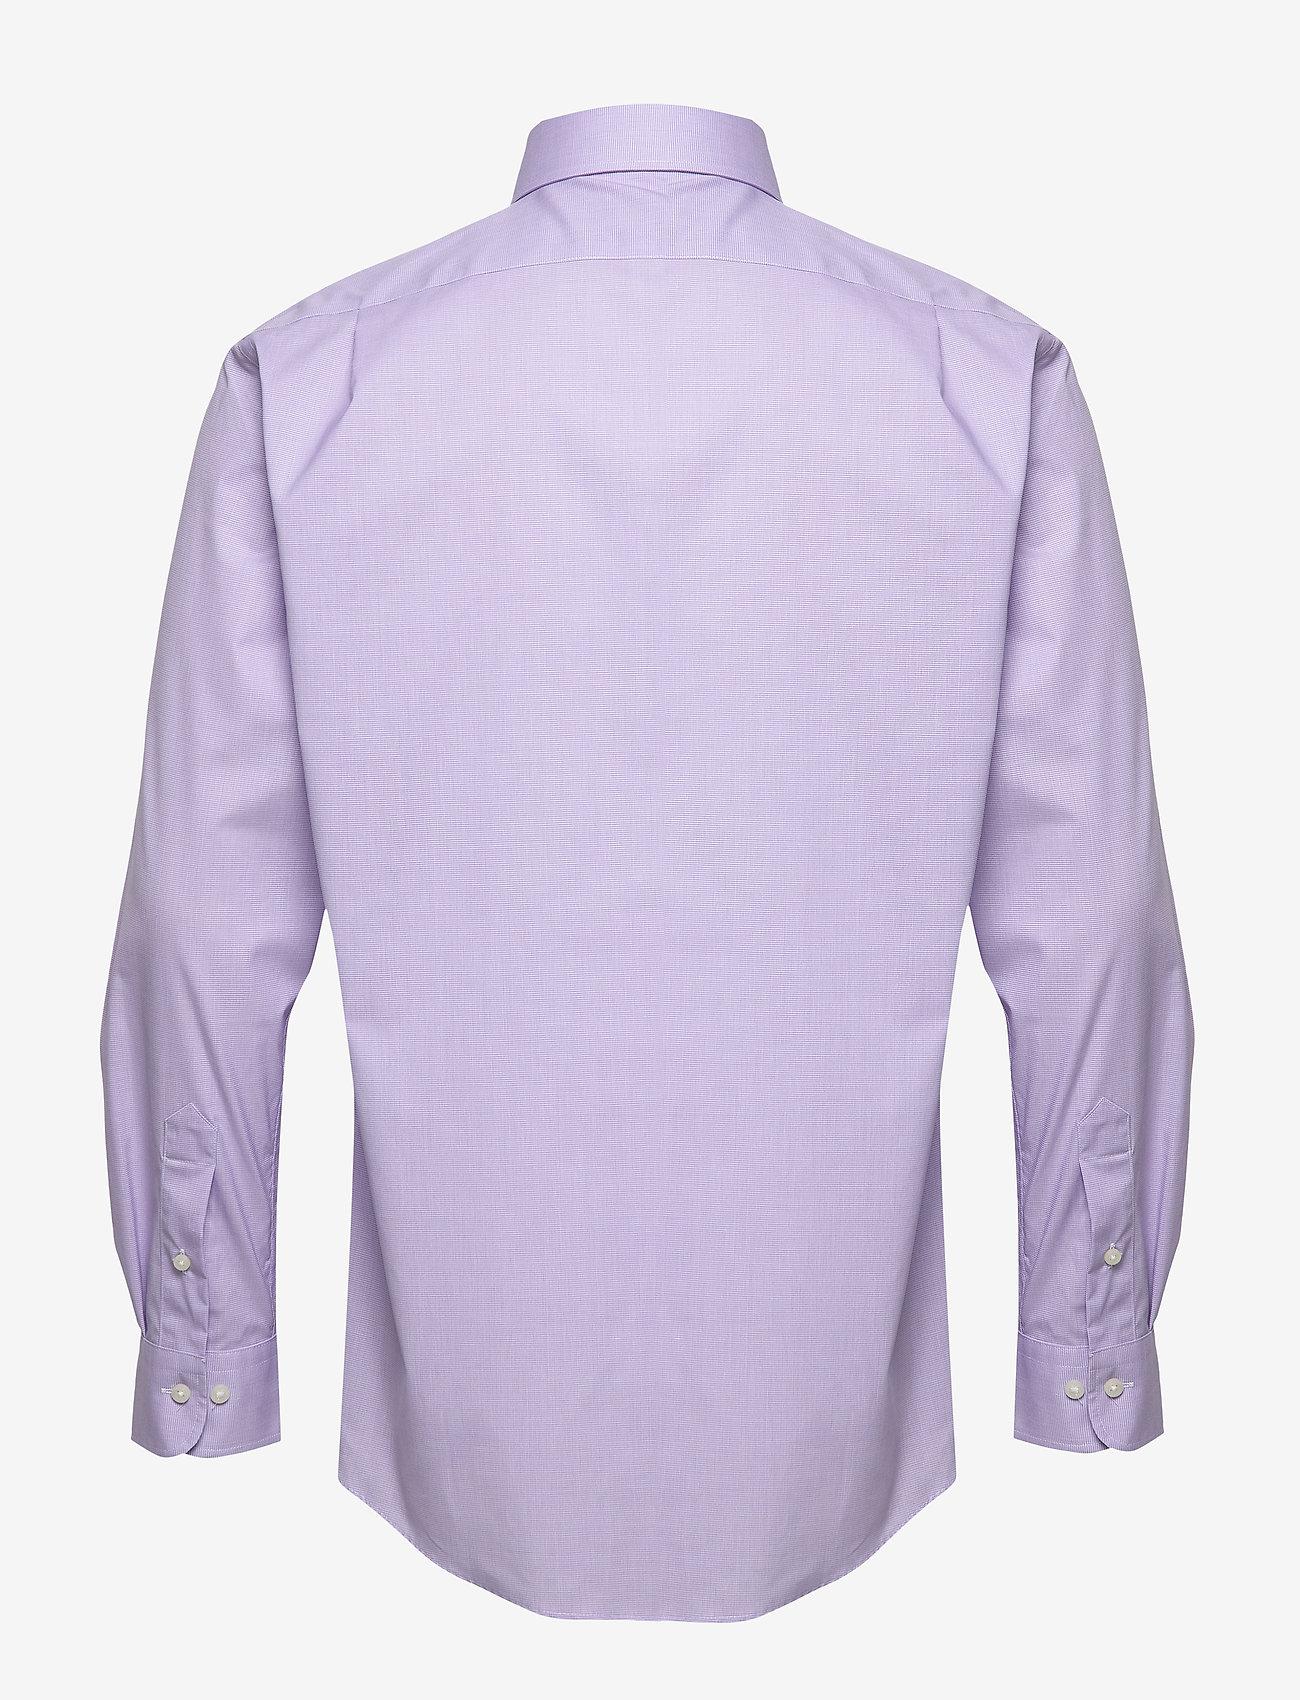 Ft Wrrn Nk-dress Shirt (5546a Lilac/white) (419.40 kr) - Lauren Ralph Lauren